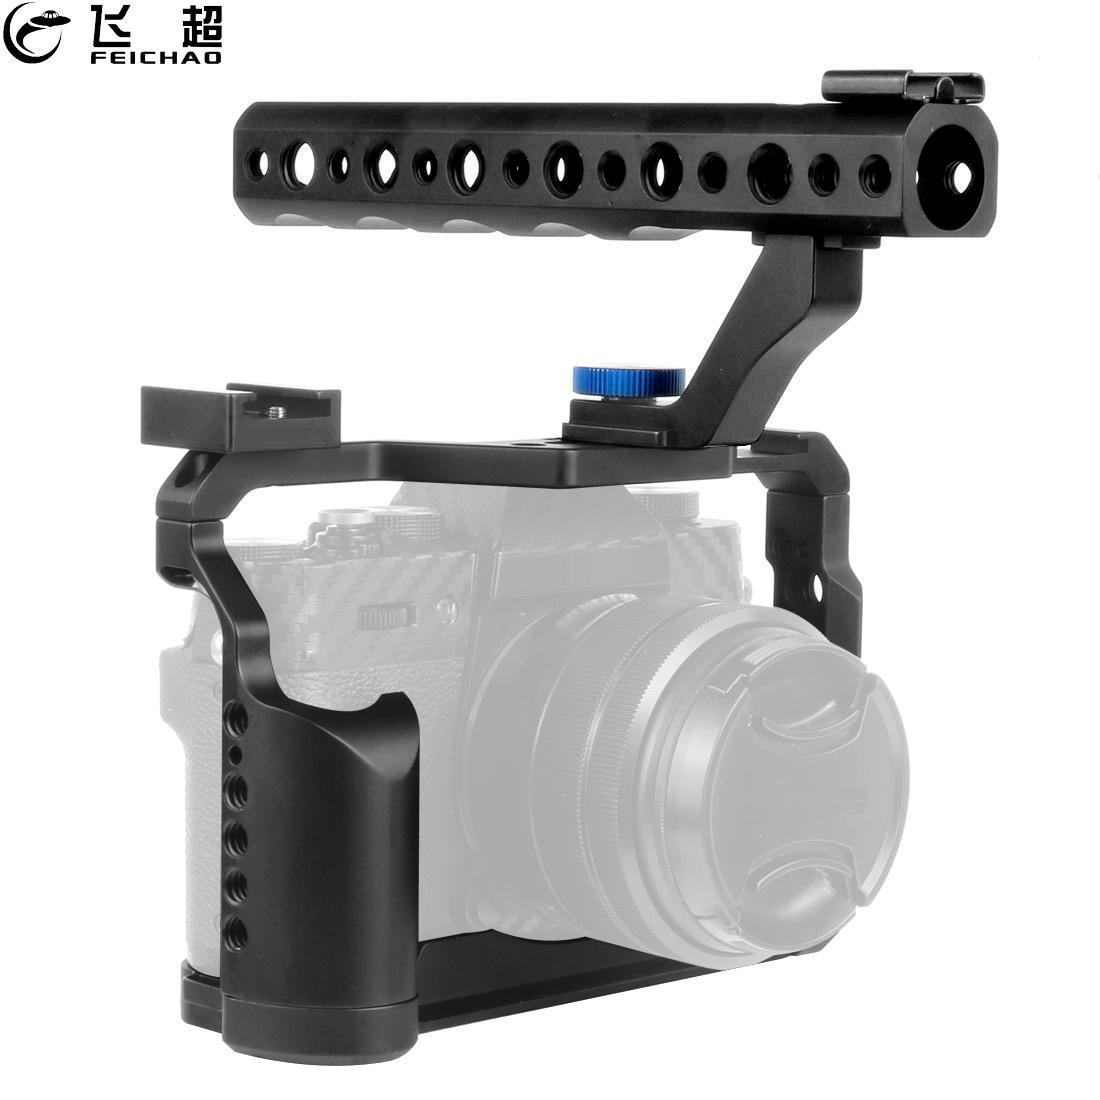 Στήριγμα λαβής κάμερας με λαβή - Κάμερα και φωτογραφία